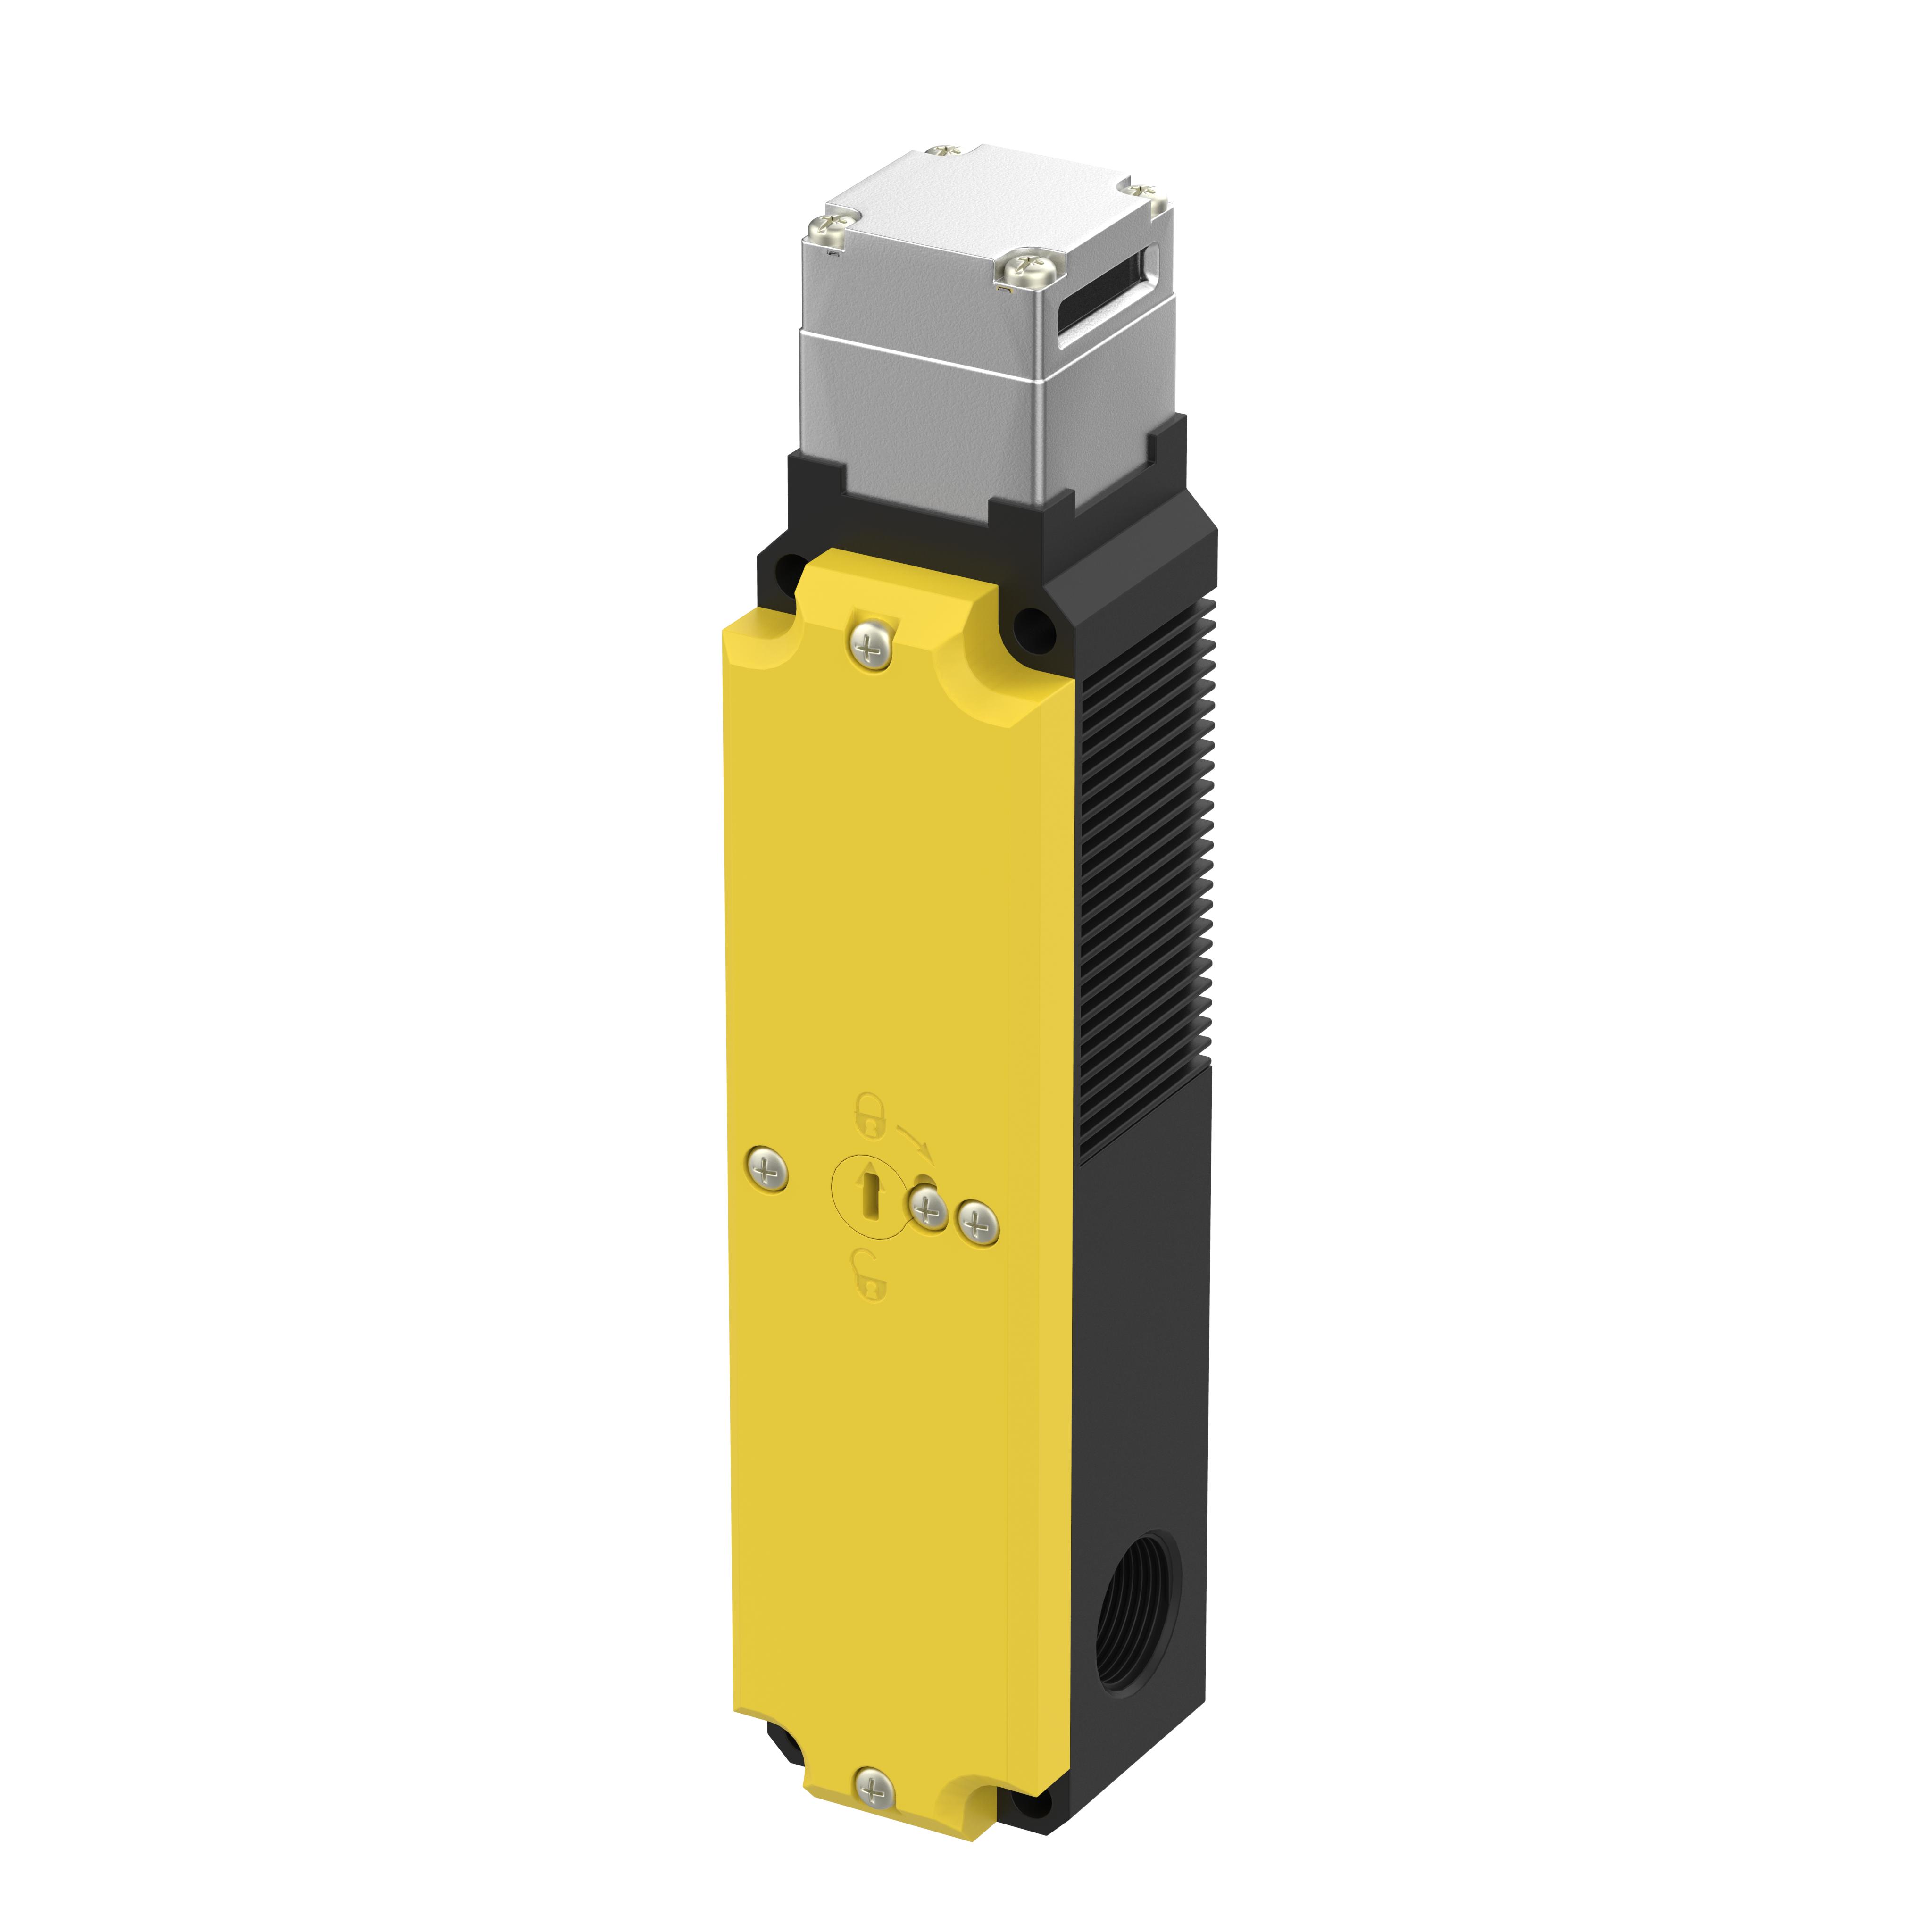 Sicherheitszuhaltung - ZSR1220R - Türverriegelung mit Zuhaltung